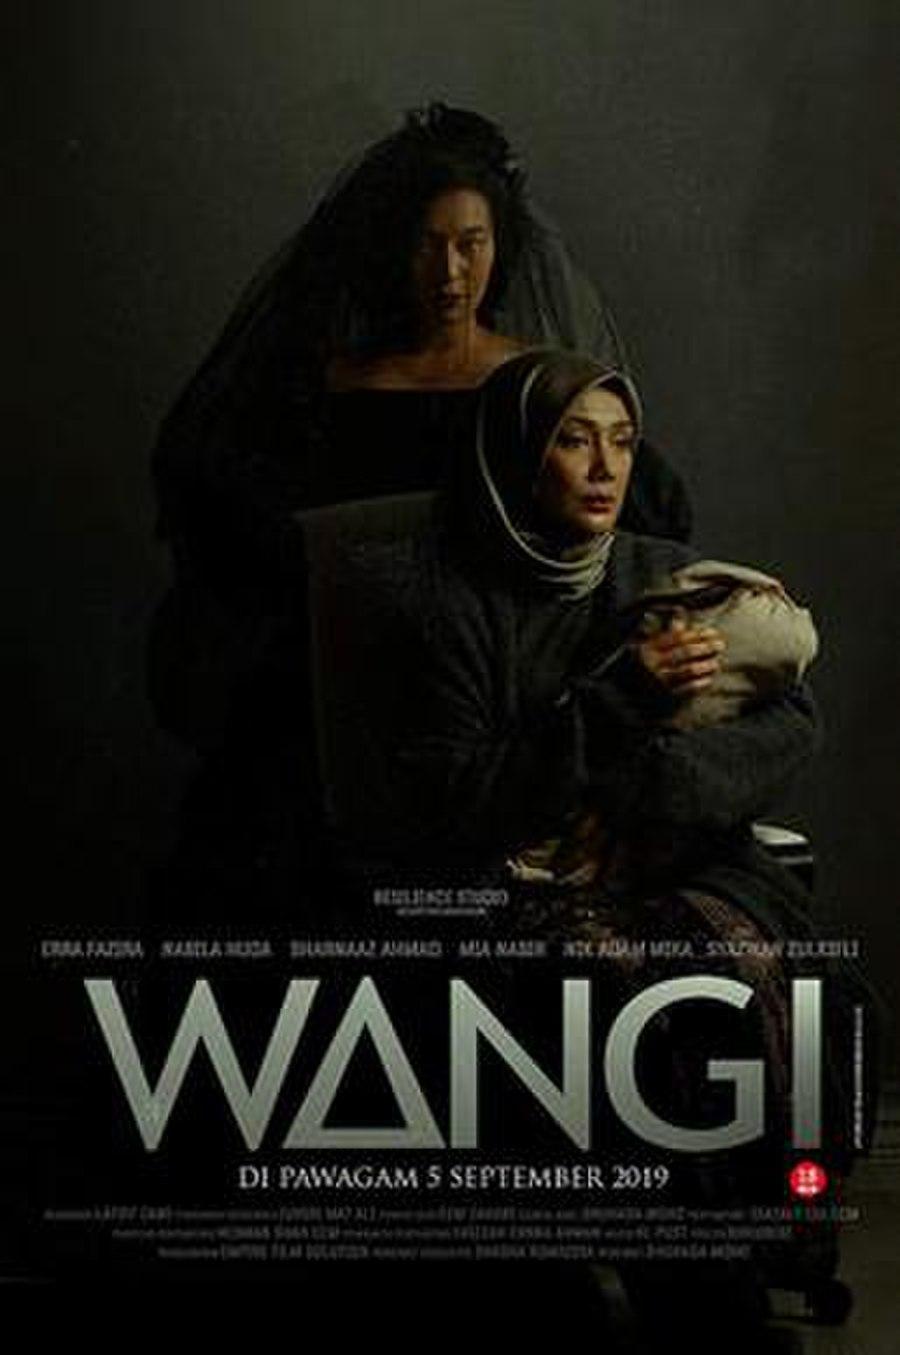 Wangi